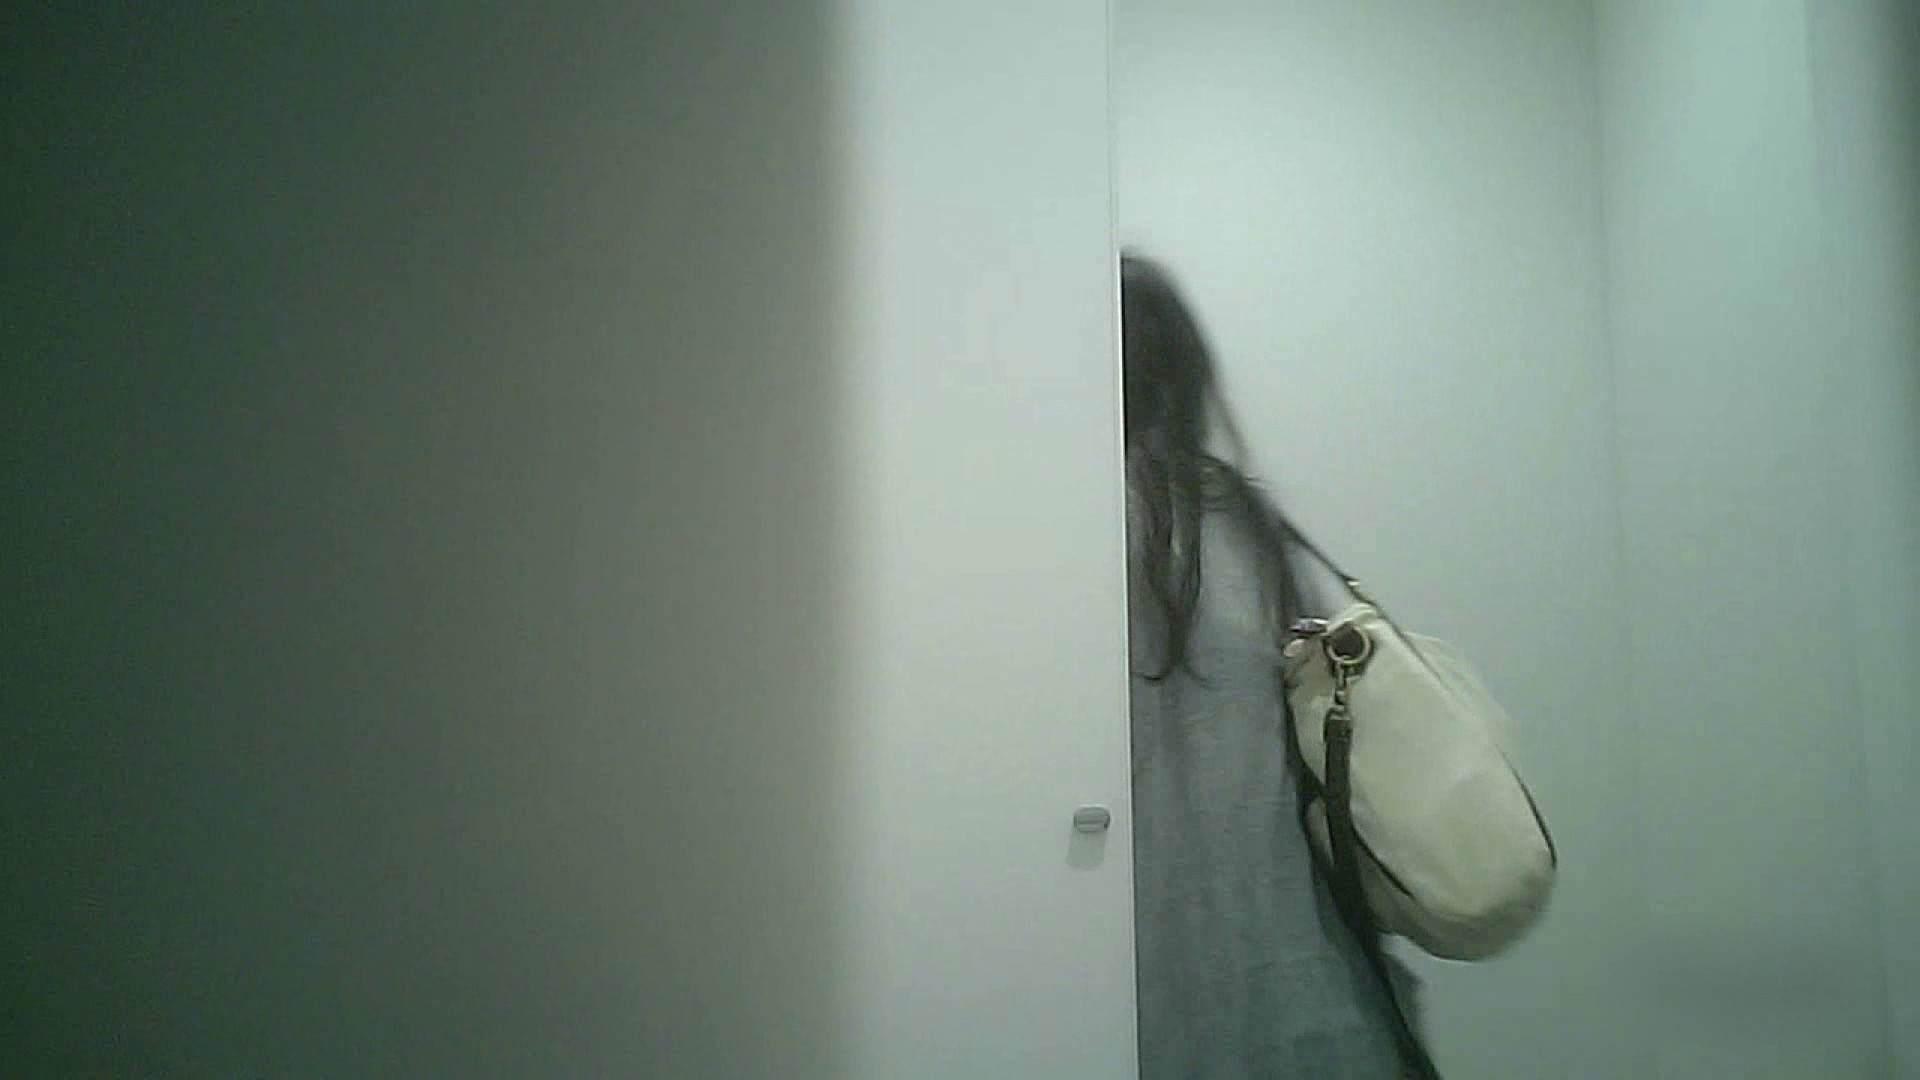 有名大学女性洗面所 vol.36 すっごい「ほじって」ます。 OLセックス 覗きぱこり動画紹介 84画像 47